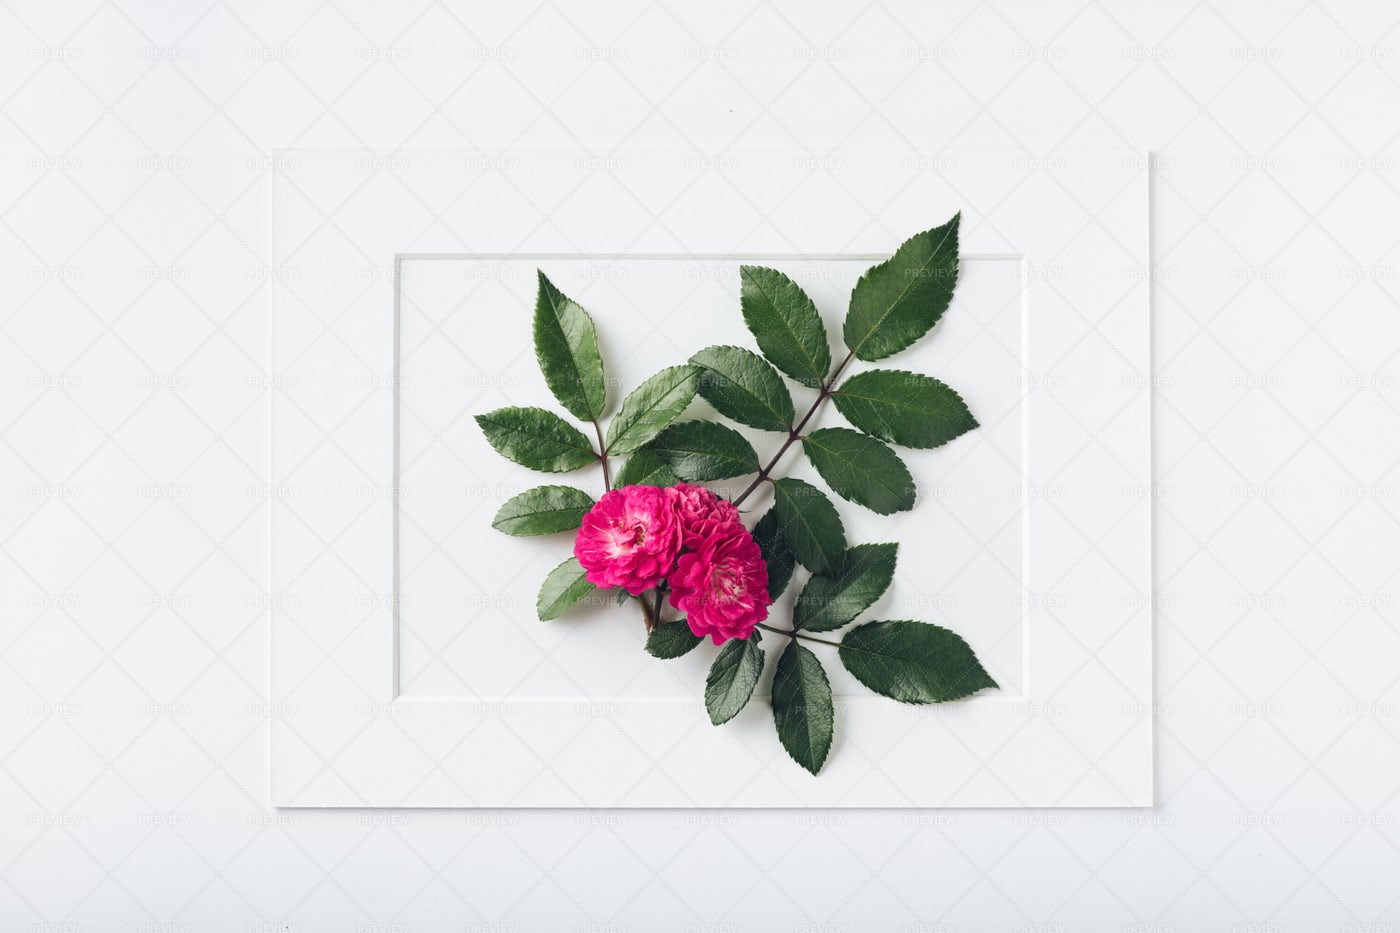 Flower Framed: Stock Photos